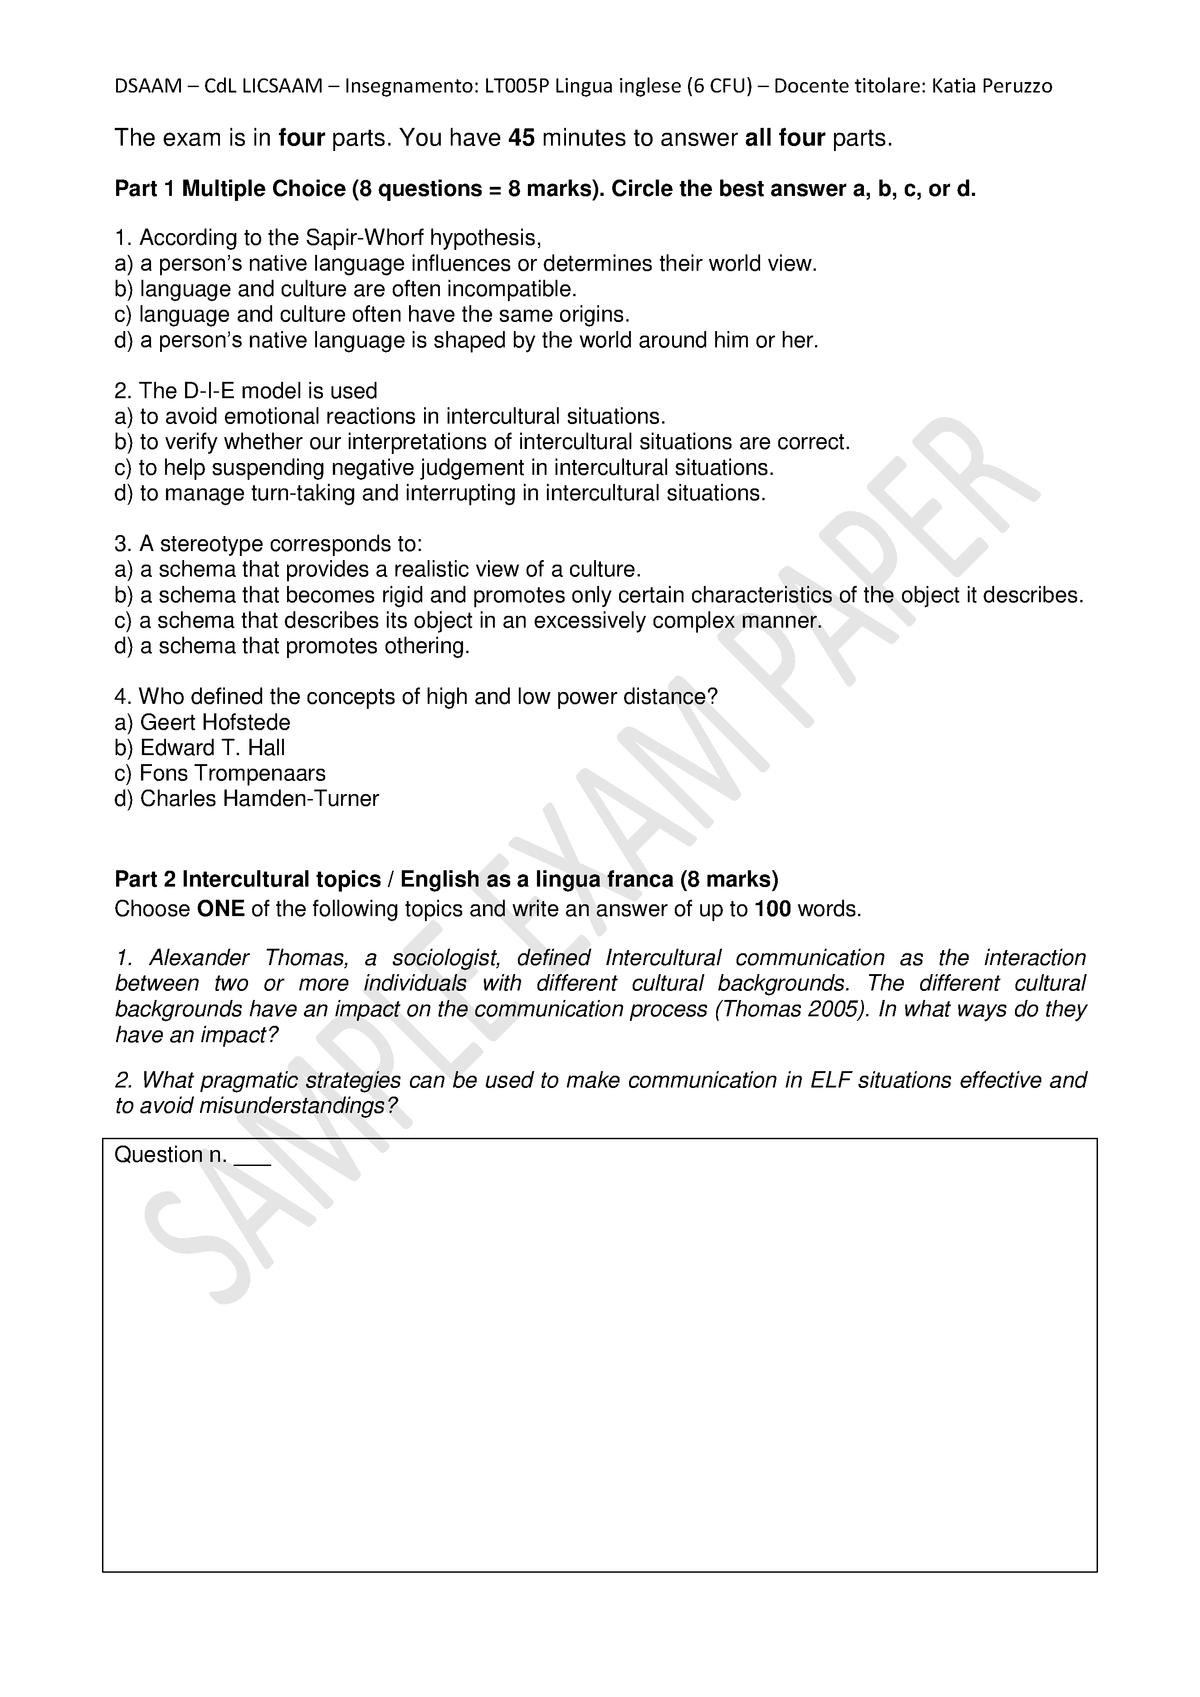 LT005P Intercultural Communication Sample exam questions